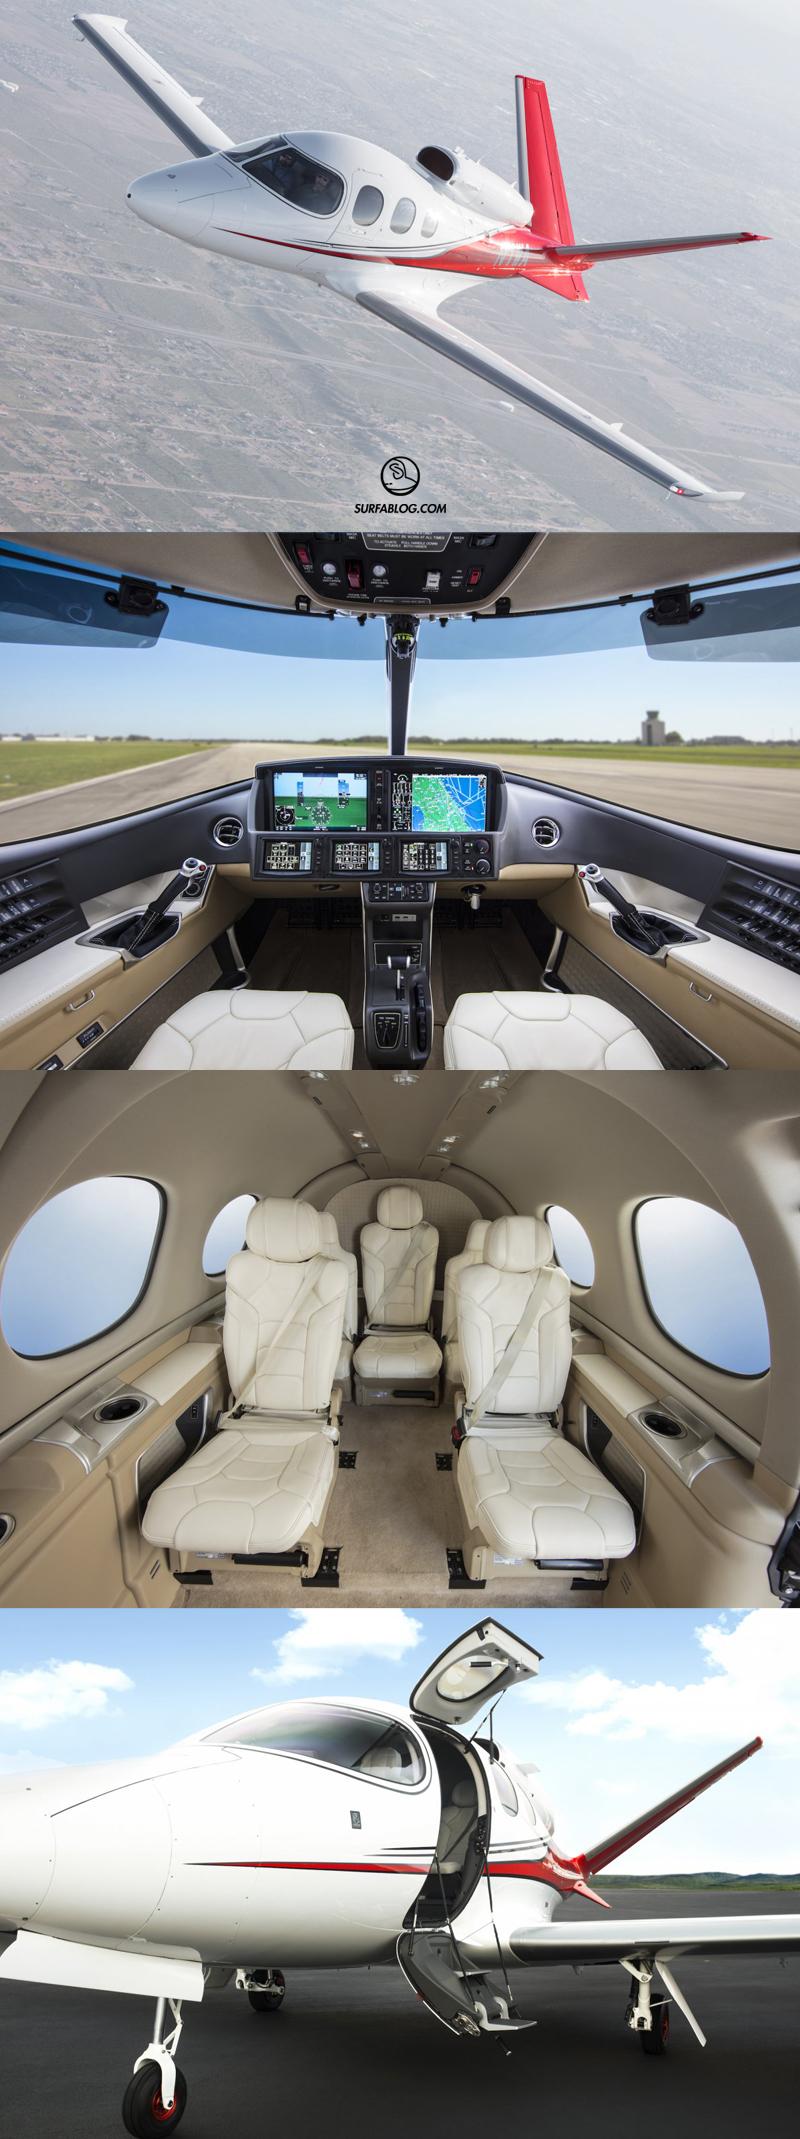 Jet Privato Piu Bello Del Mondo : Surfa il jet privato piu economico del mondo costa